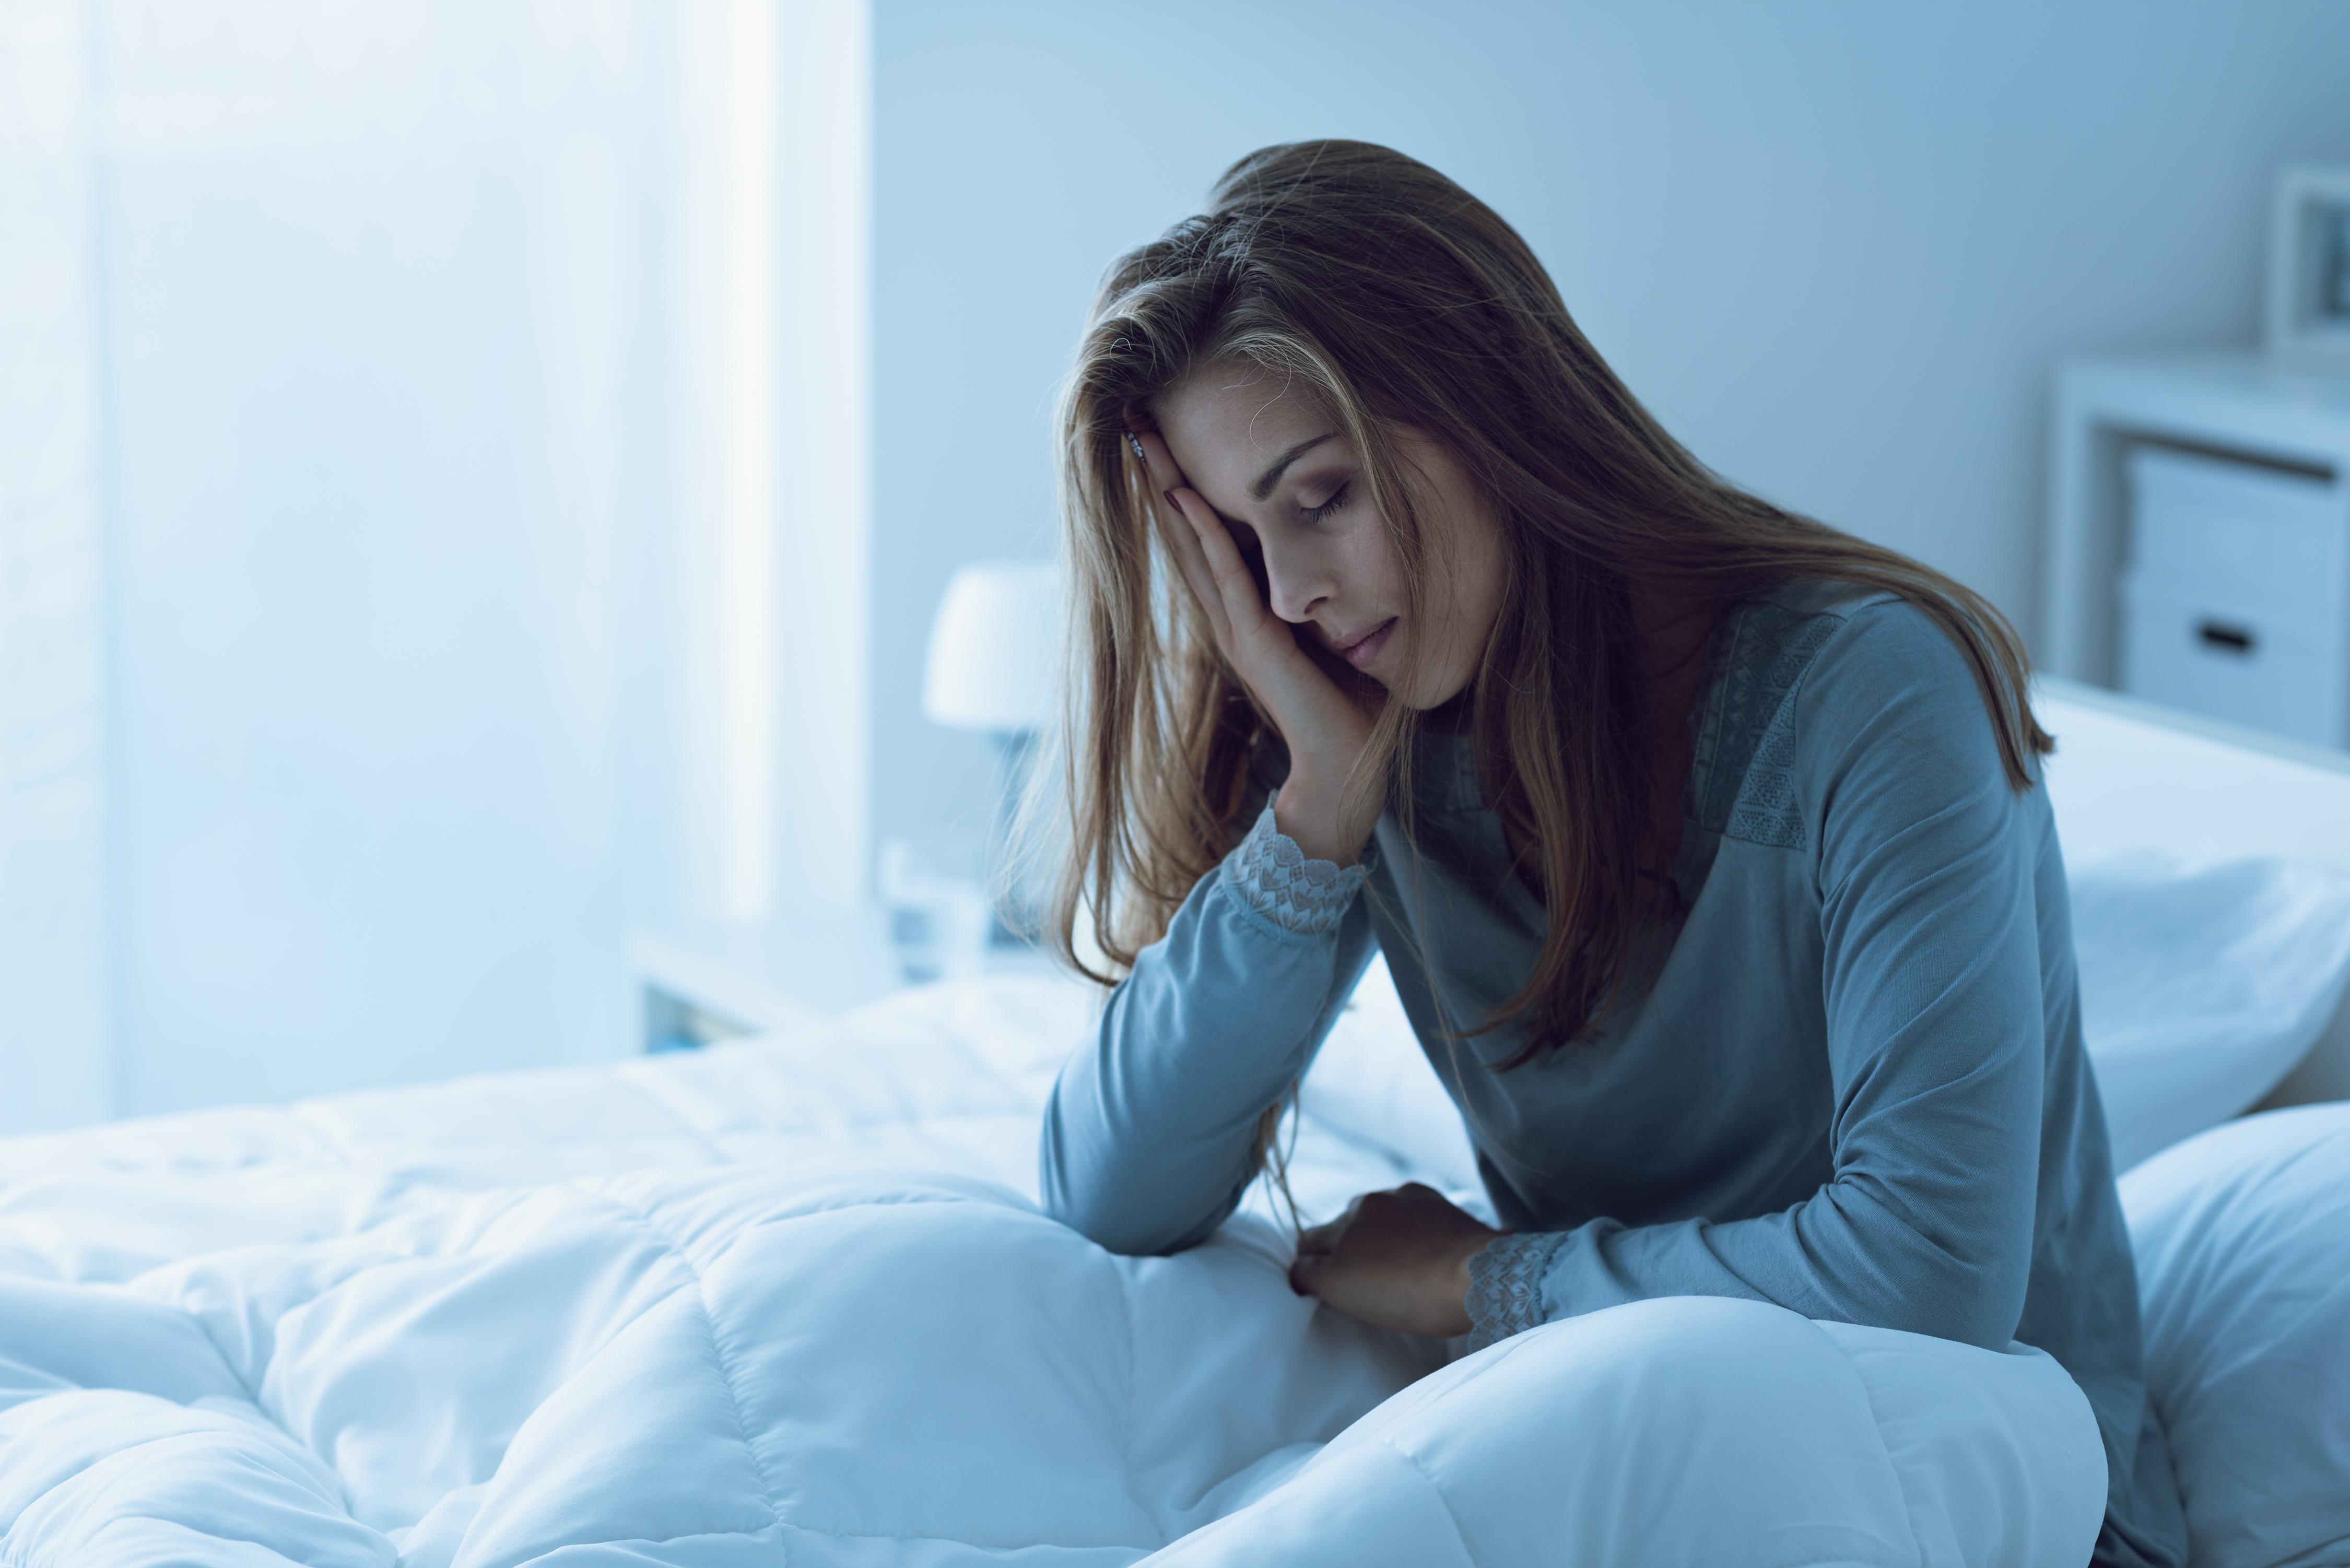 <p><strong>1. Повече продуктивност и концентрация</strong></p>  <p>Мозъкът ни не може да функционира правилно, ако не сме си отпочинали добре през нощта. Недостатъчният сън води до намален приток на кръв към мозъка. А това оказва негативен ефект върху неговата дейност. Нарушава&nbsp; се мисловният процес, логиката и възможността да решаваме проблеми. Забравяме много повече и не можем да се фокусираме.&nbsp;</p>